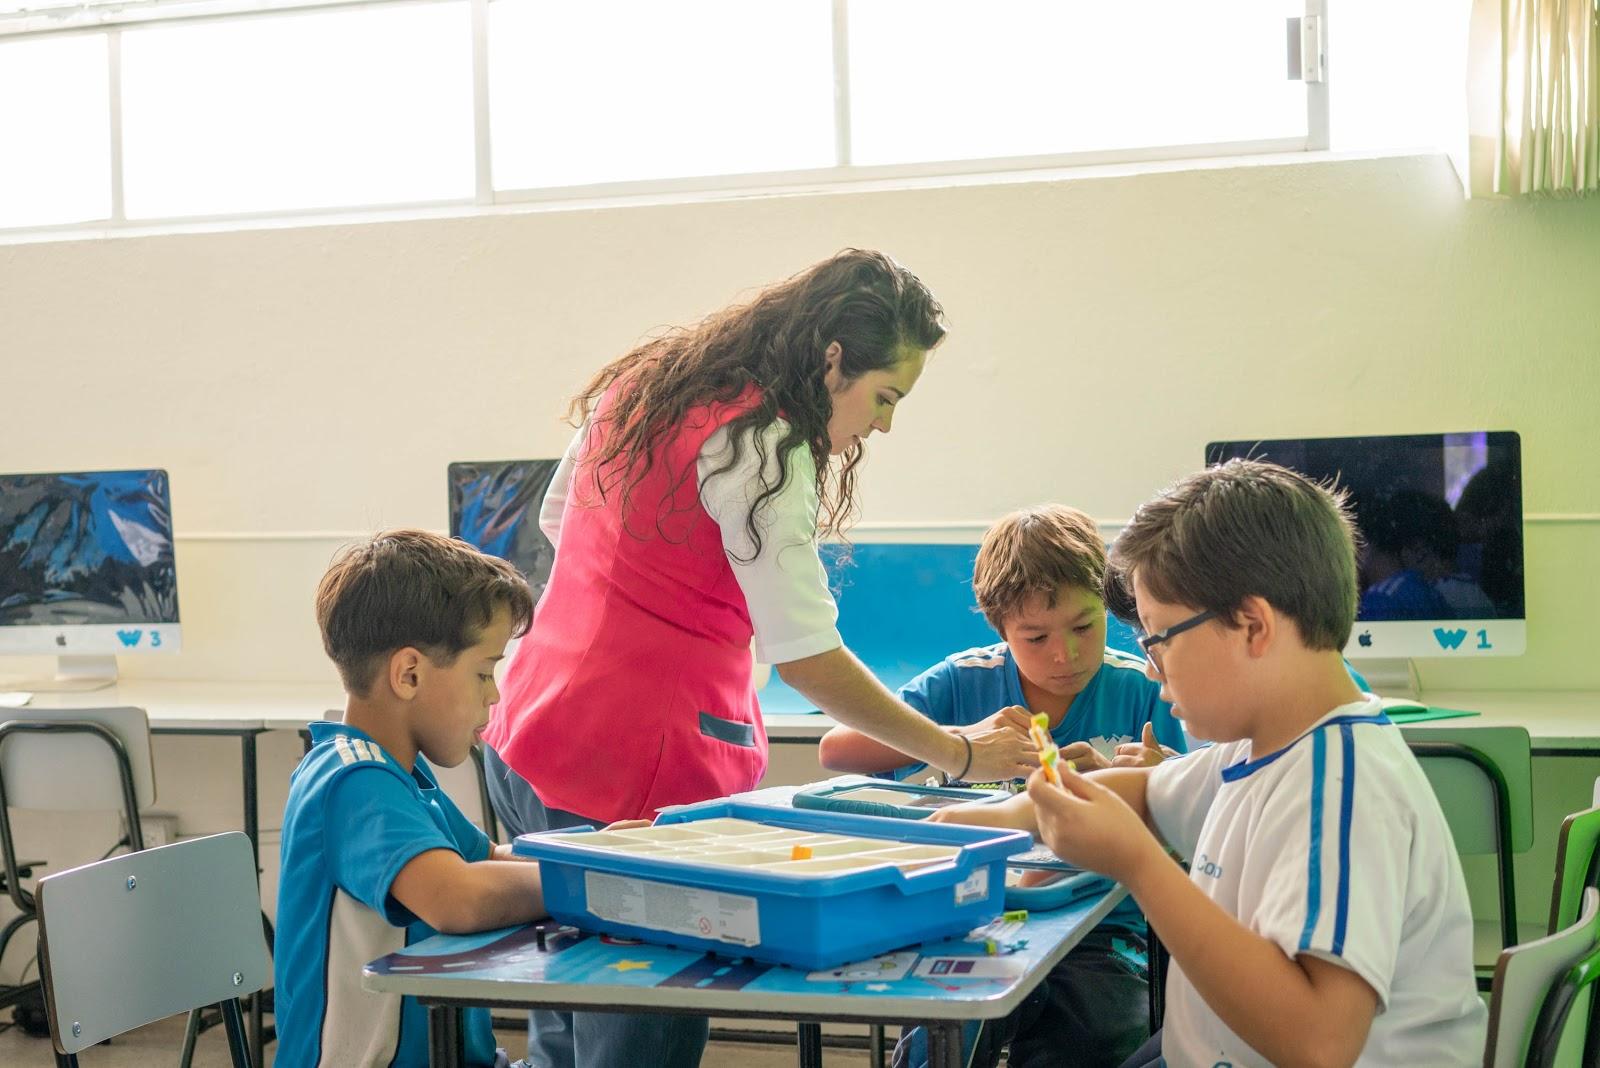 juegos-educativos-primaria-colegio-washington